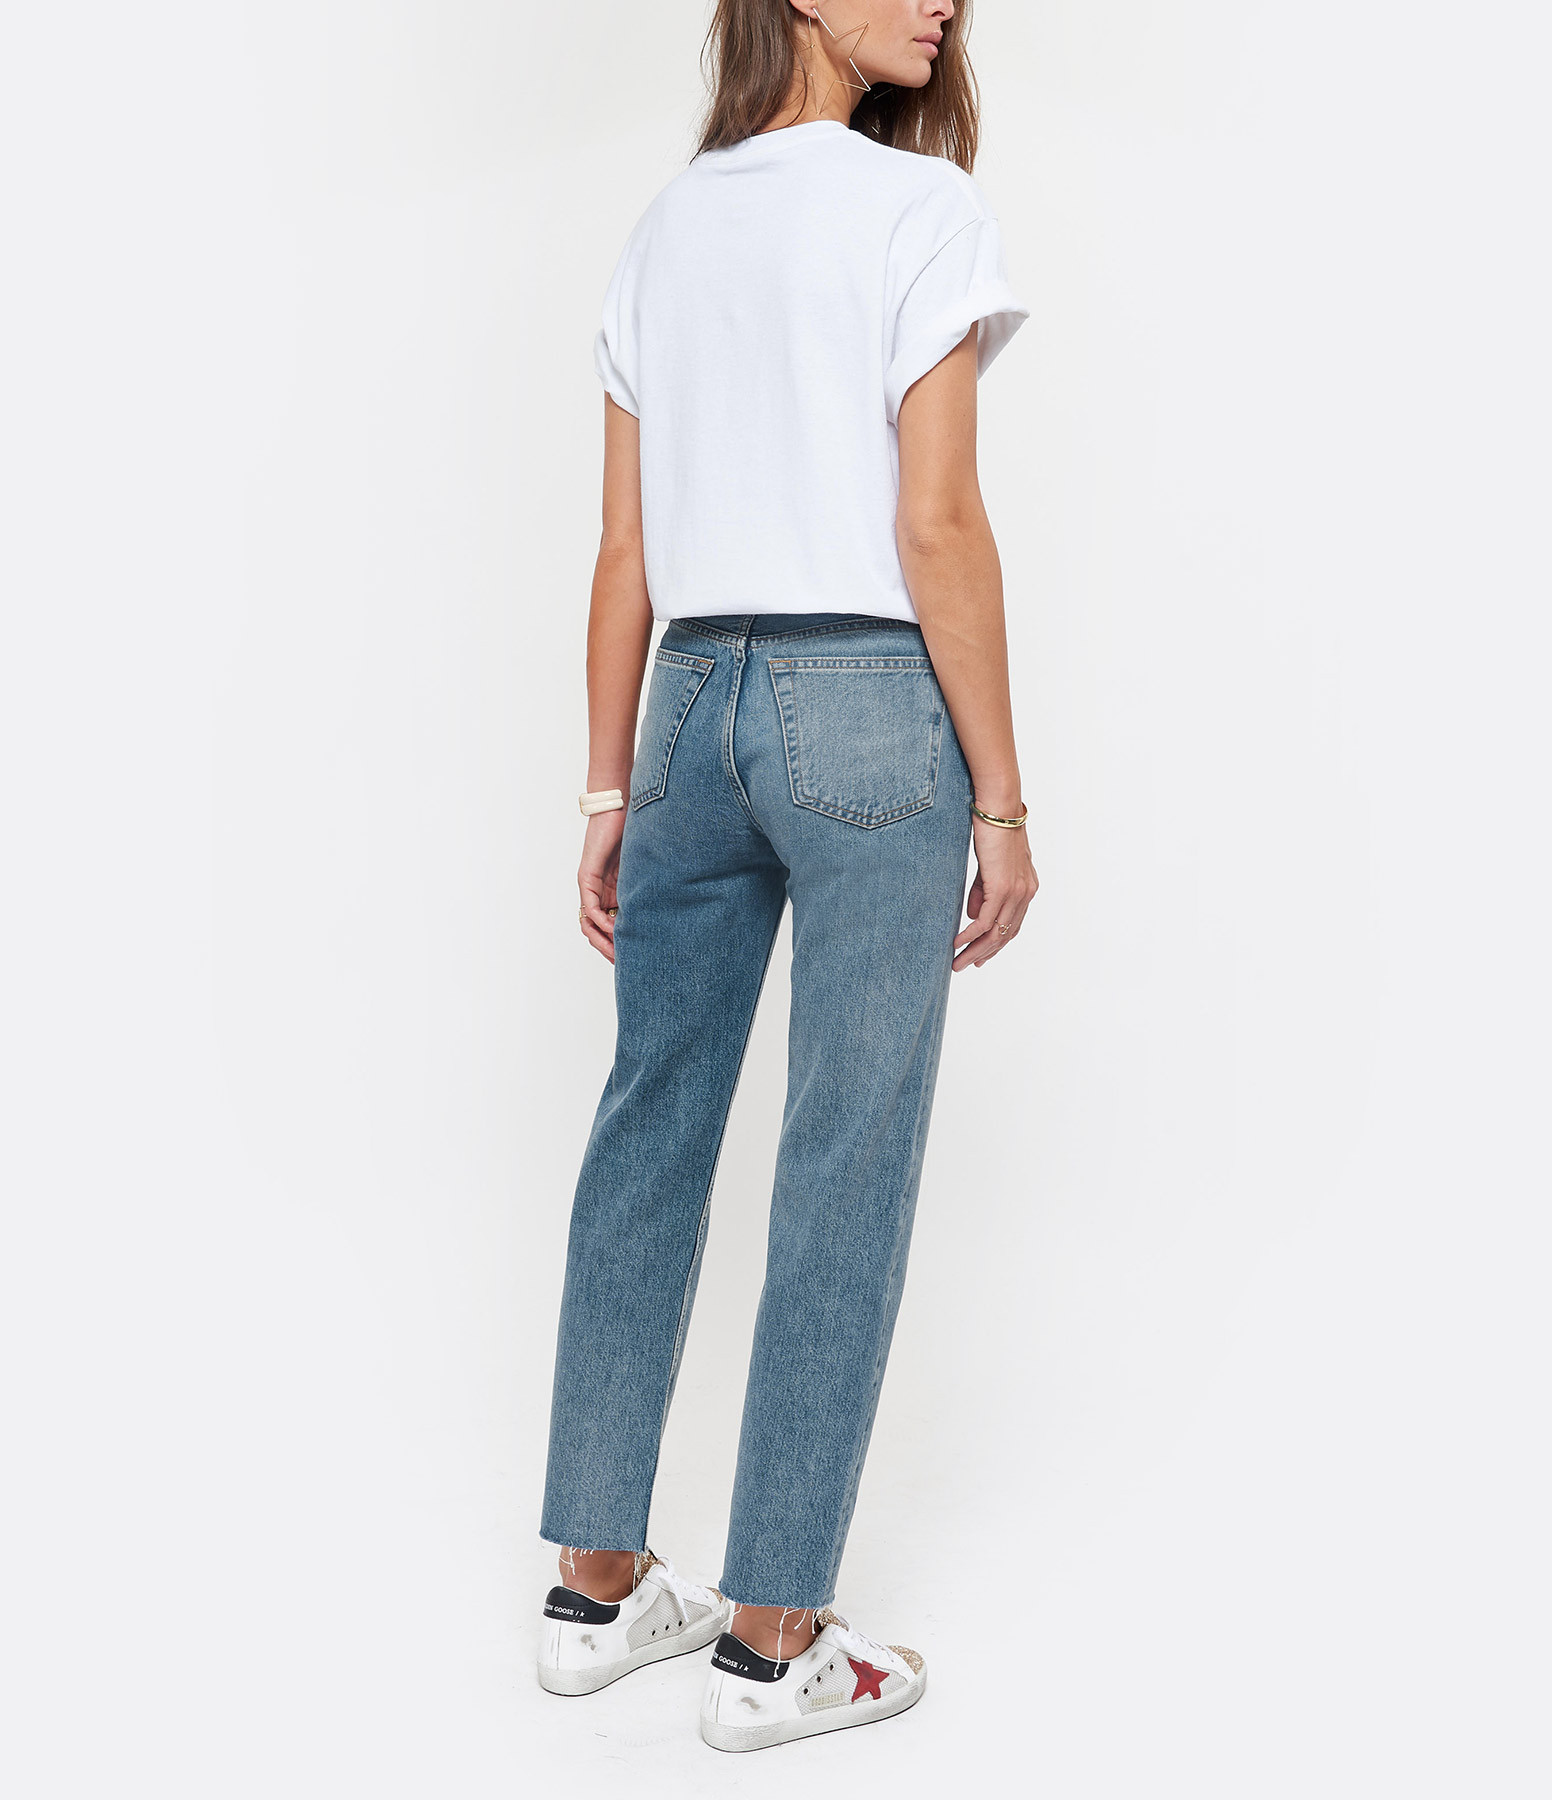 NEWTONE - Tee-shirt Houston Coton Blanc